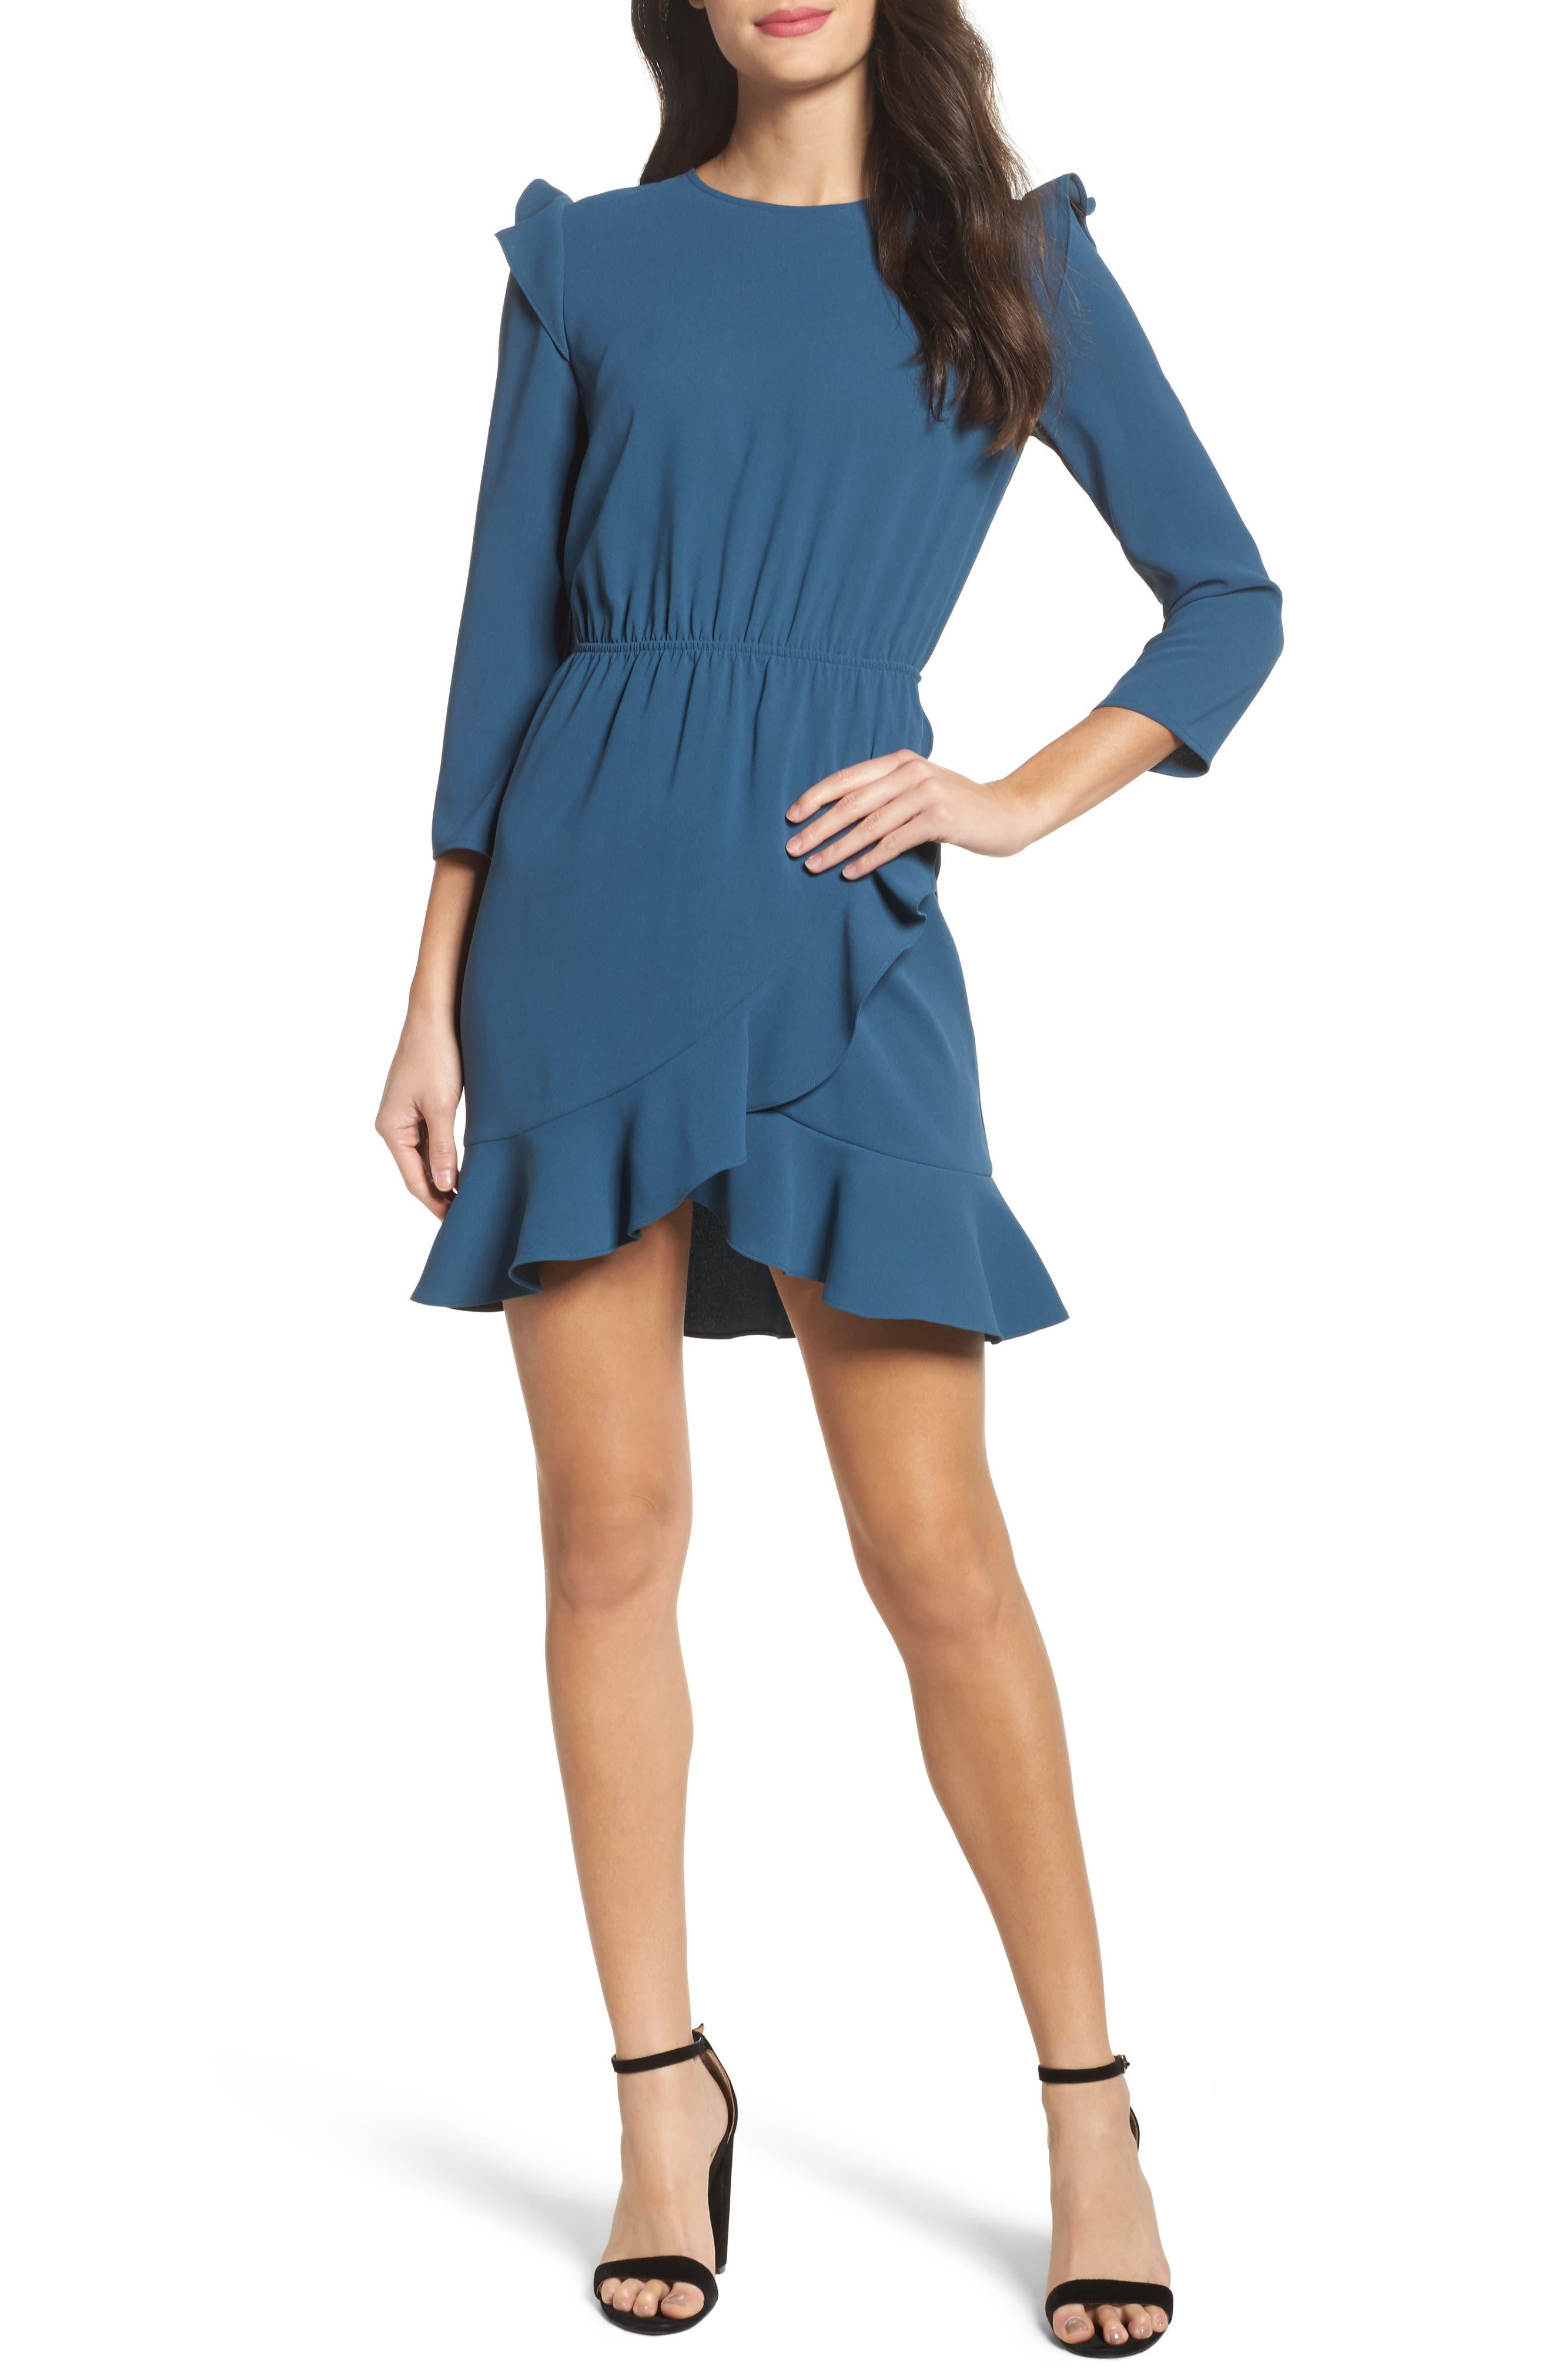 St Germain Ruffle Fit & Flare Dress,                             Main thumbnail 2, color,